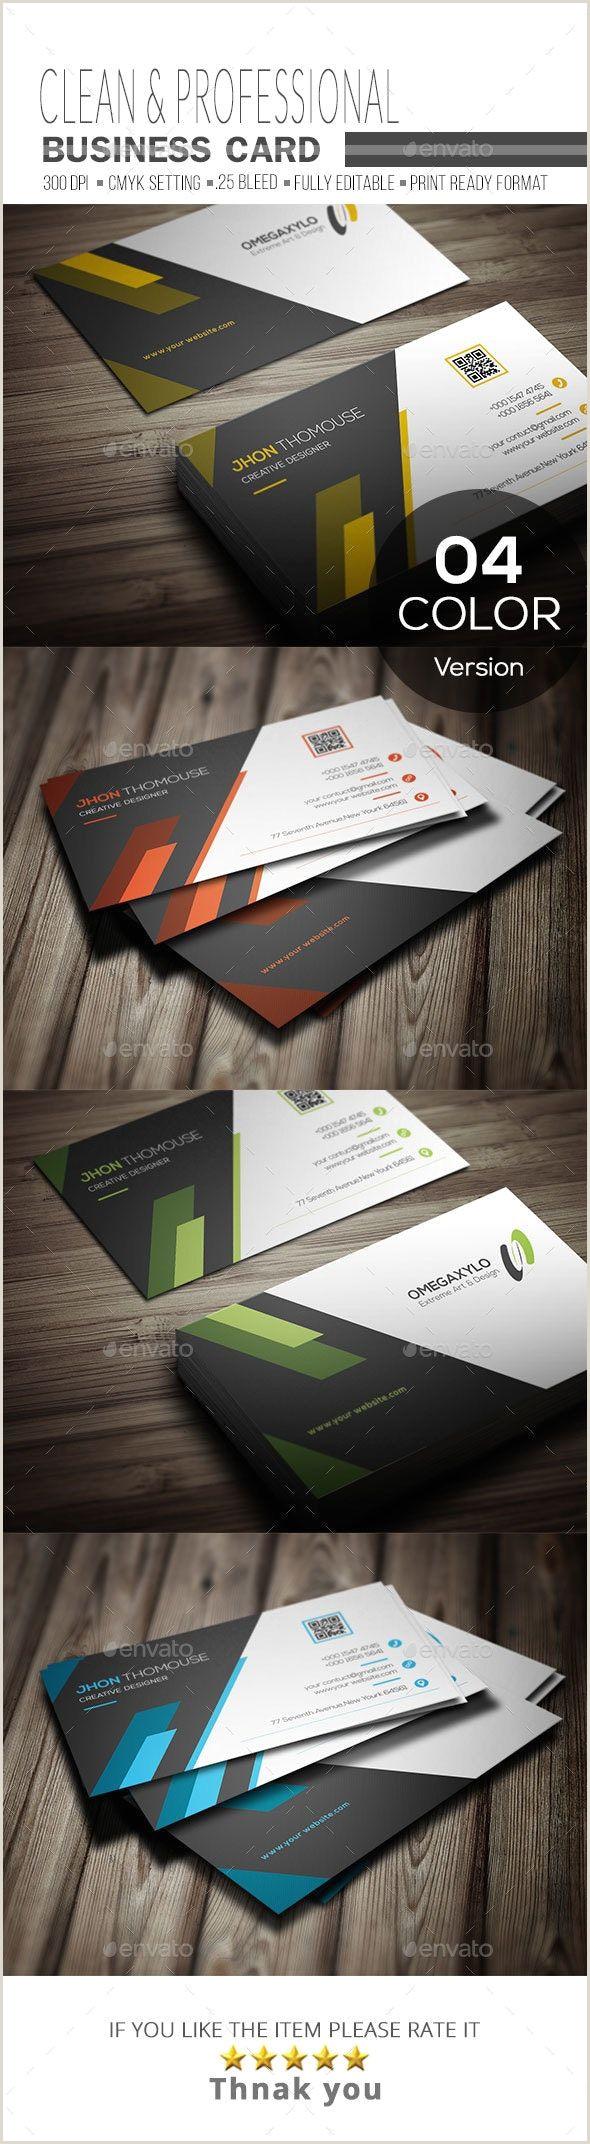 Business Card Design Pinterest Business Card